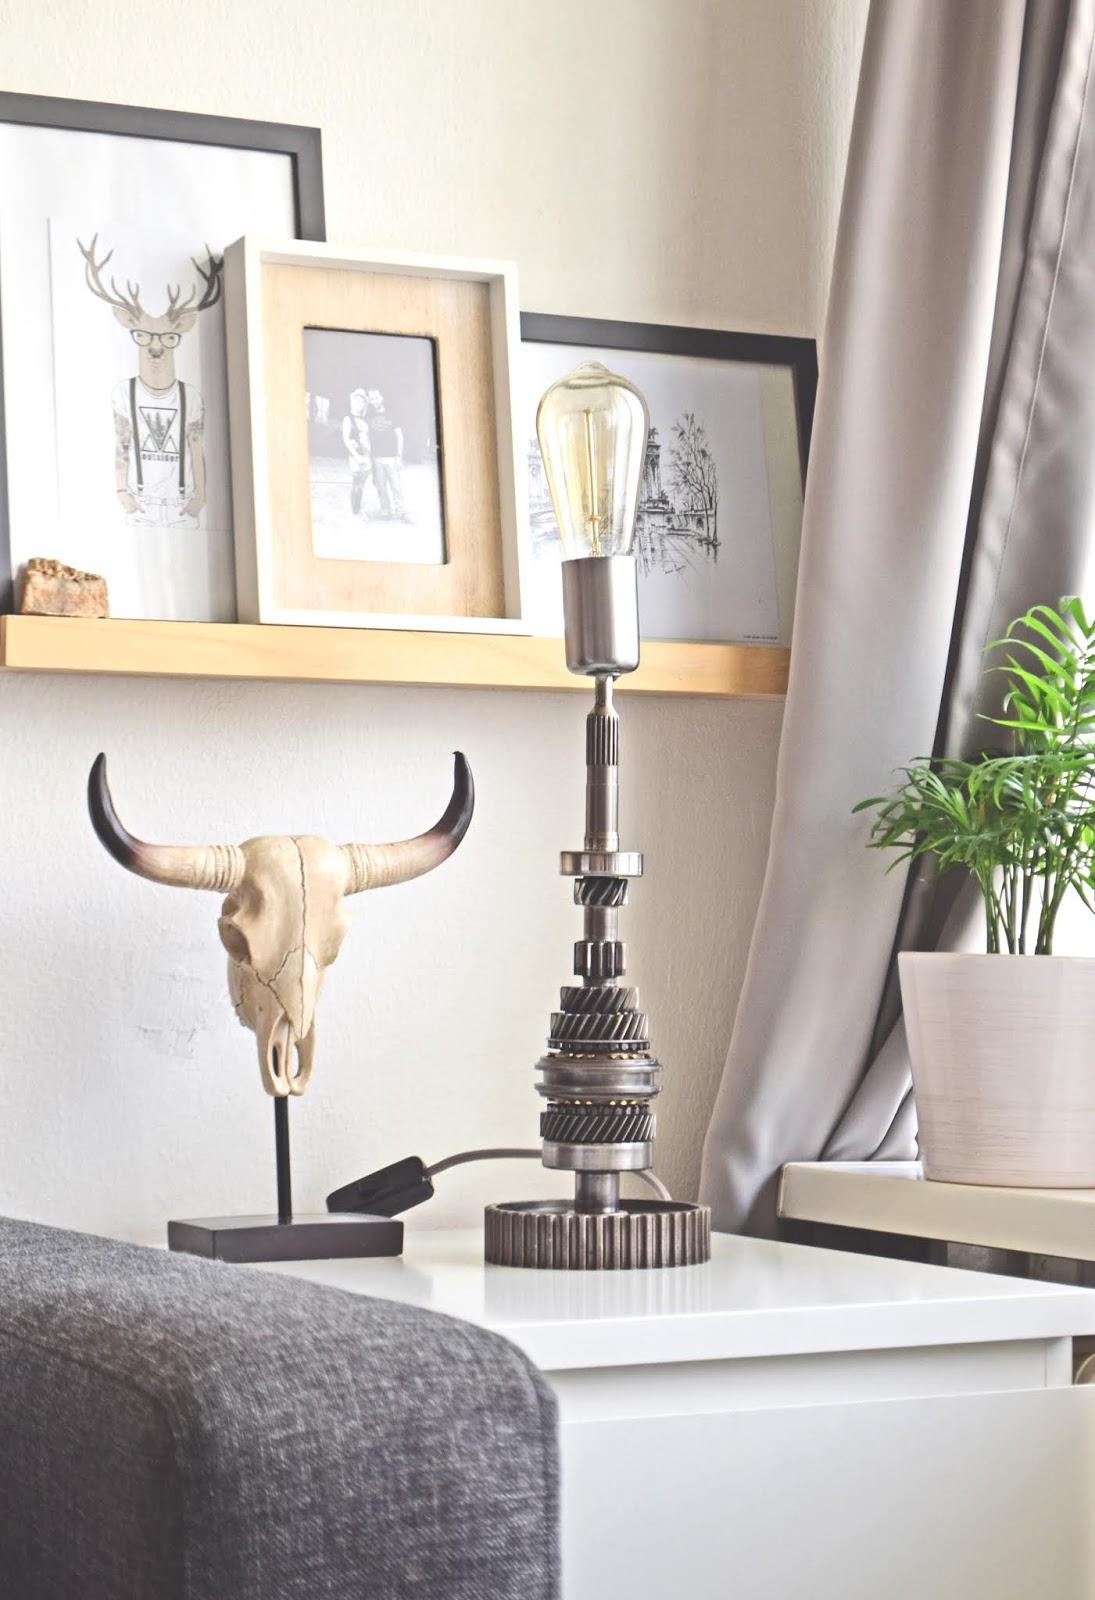 Lampa stołowa do wnętrza